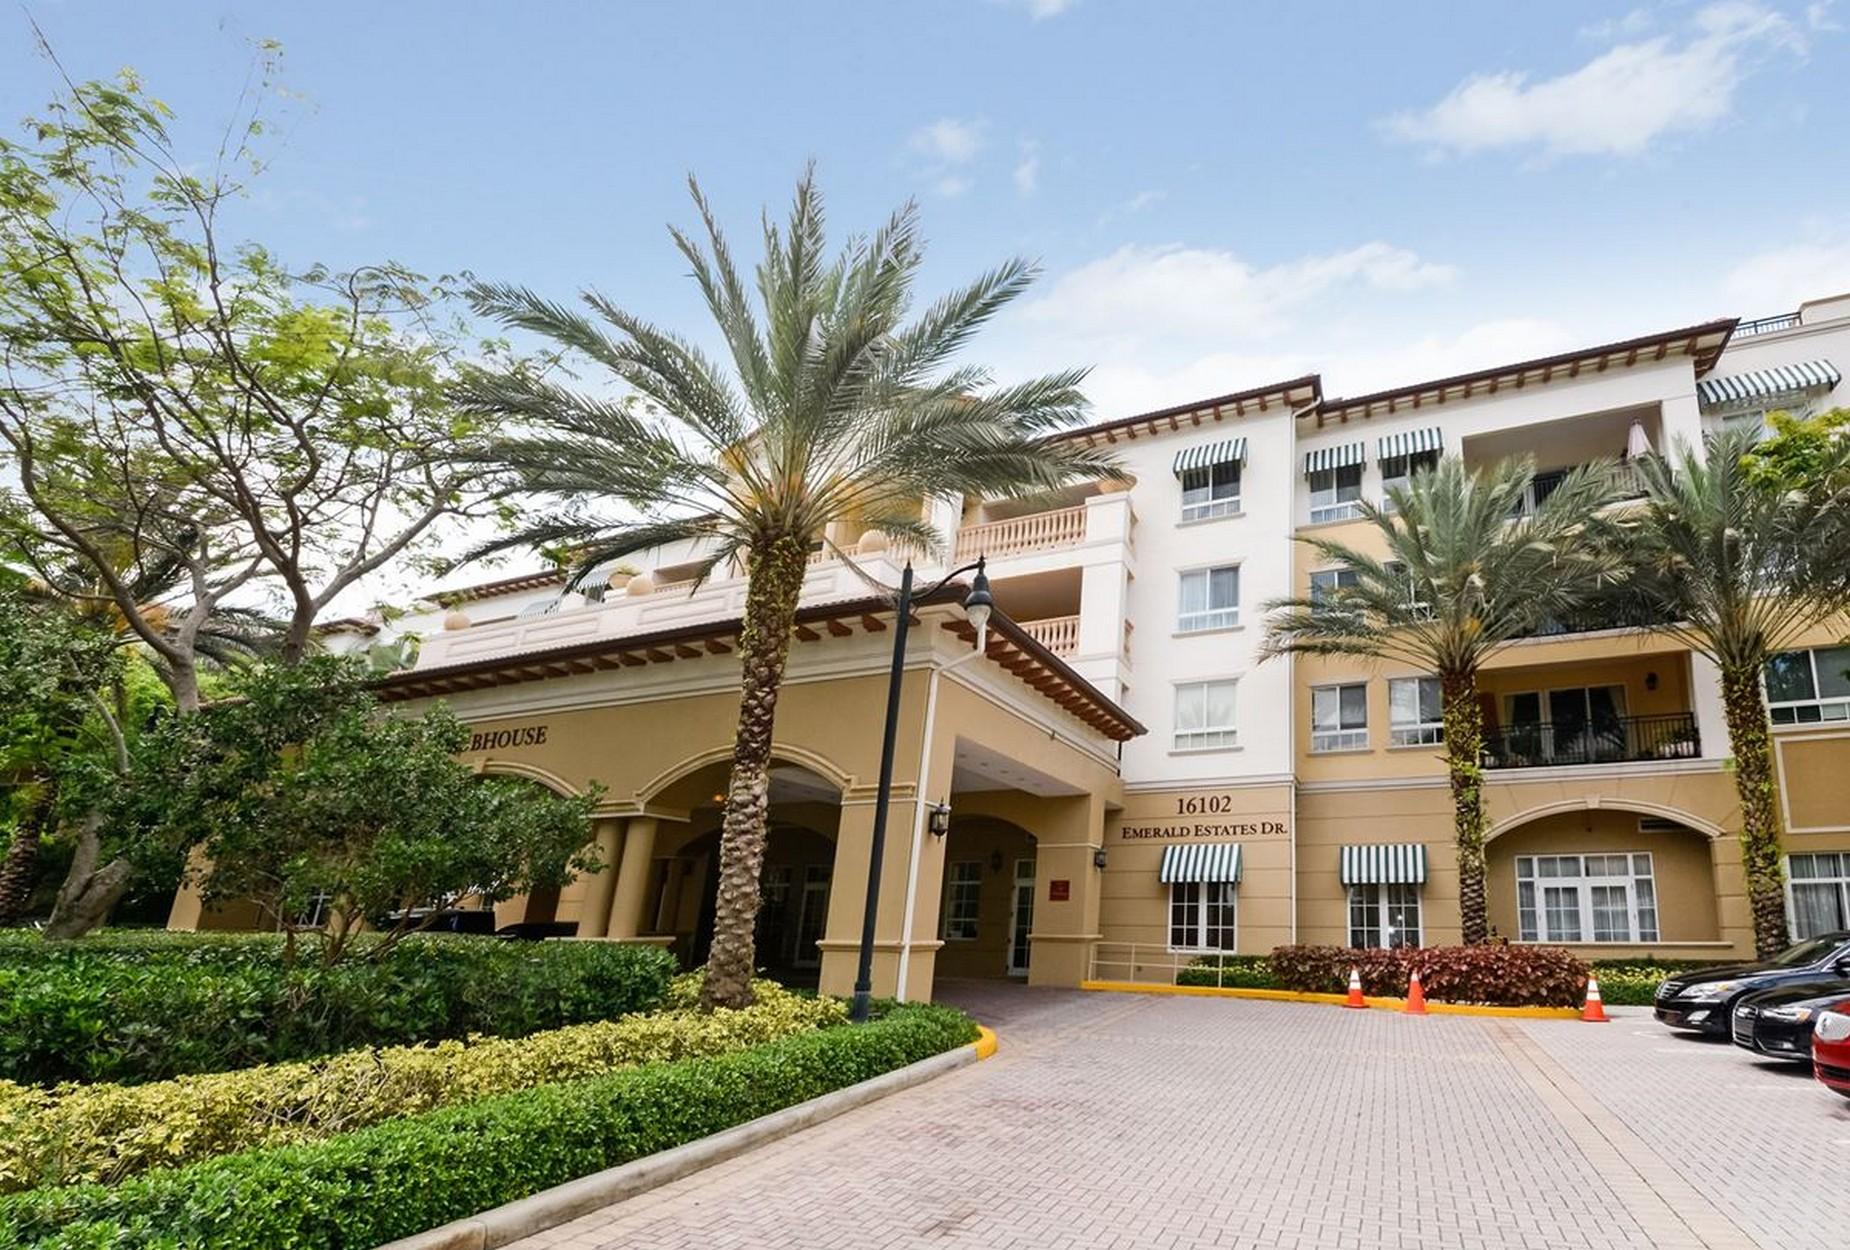 一戸建て のために 売買 アット 16102 Emerald Estates Dr #226 16102 Emerald Estates Dr 226 Weston, フロリダ, 33331 アメリカ合衆国